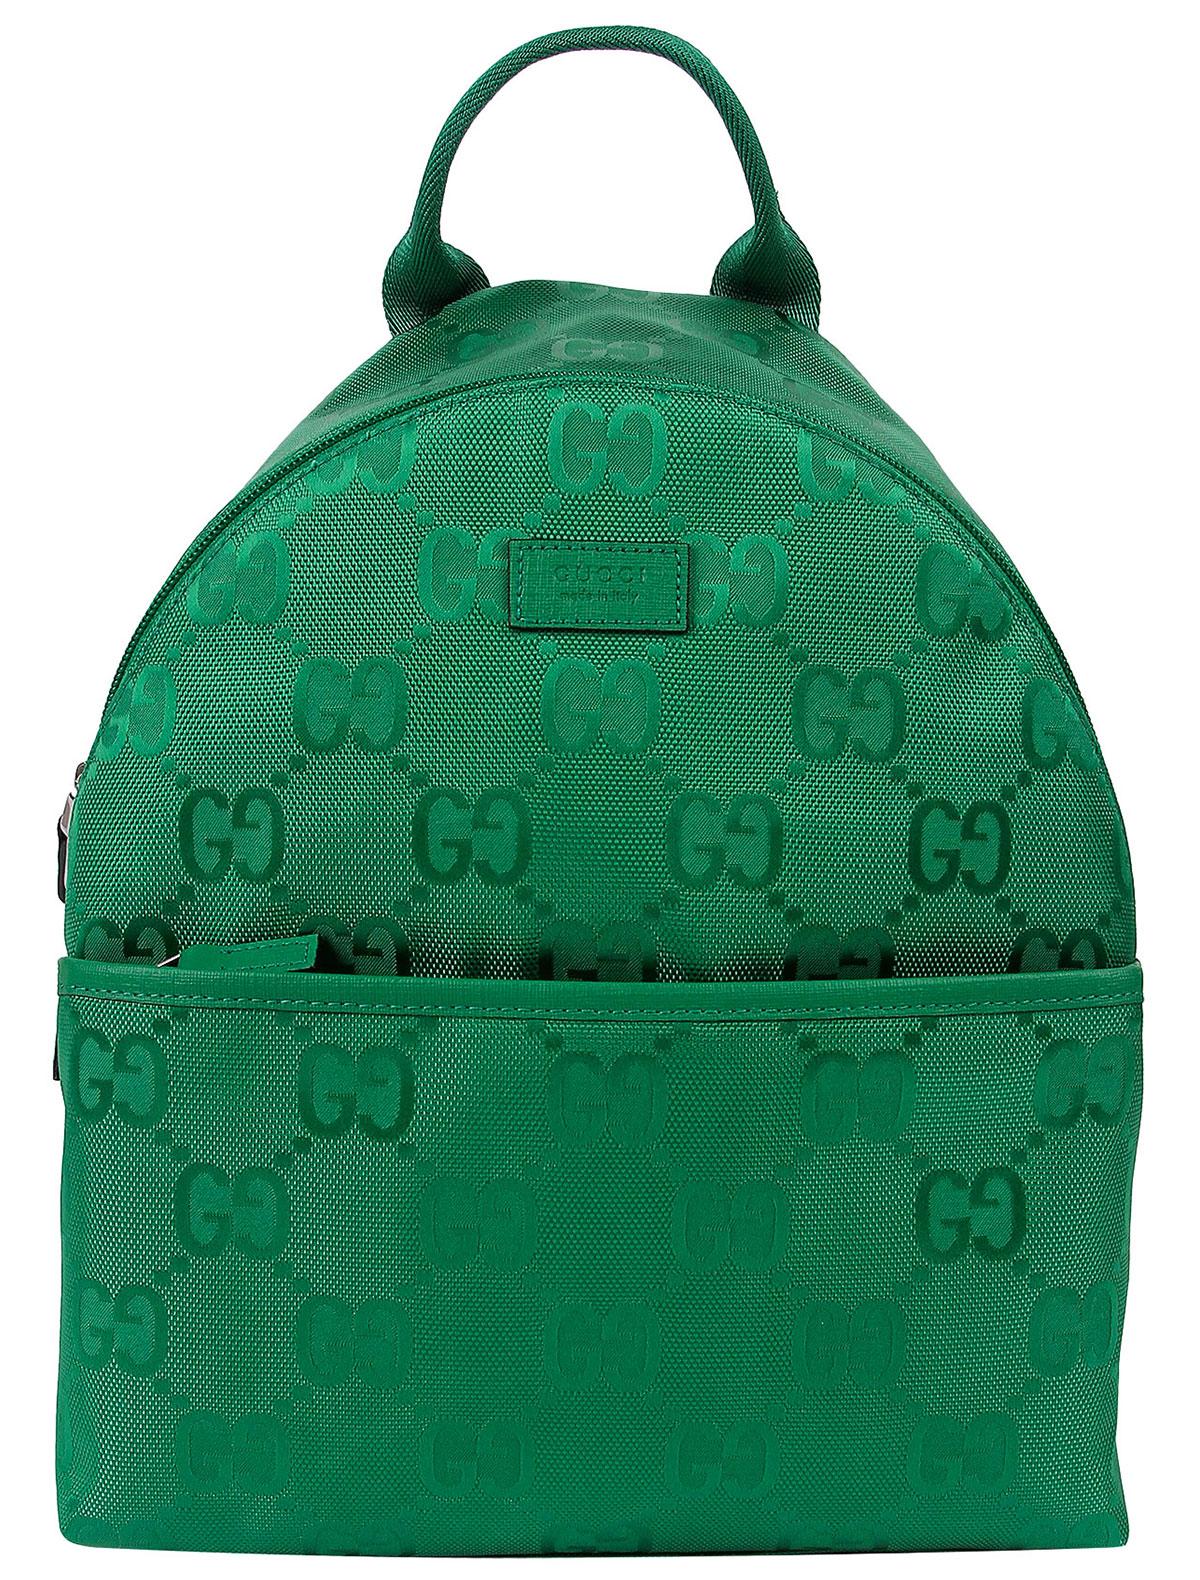 Рюкзак GUCCI 2277242 зеленого цвета